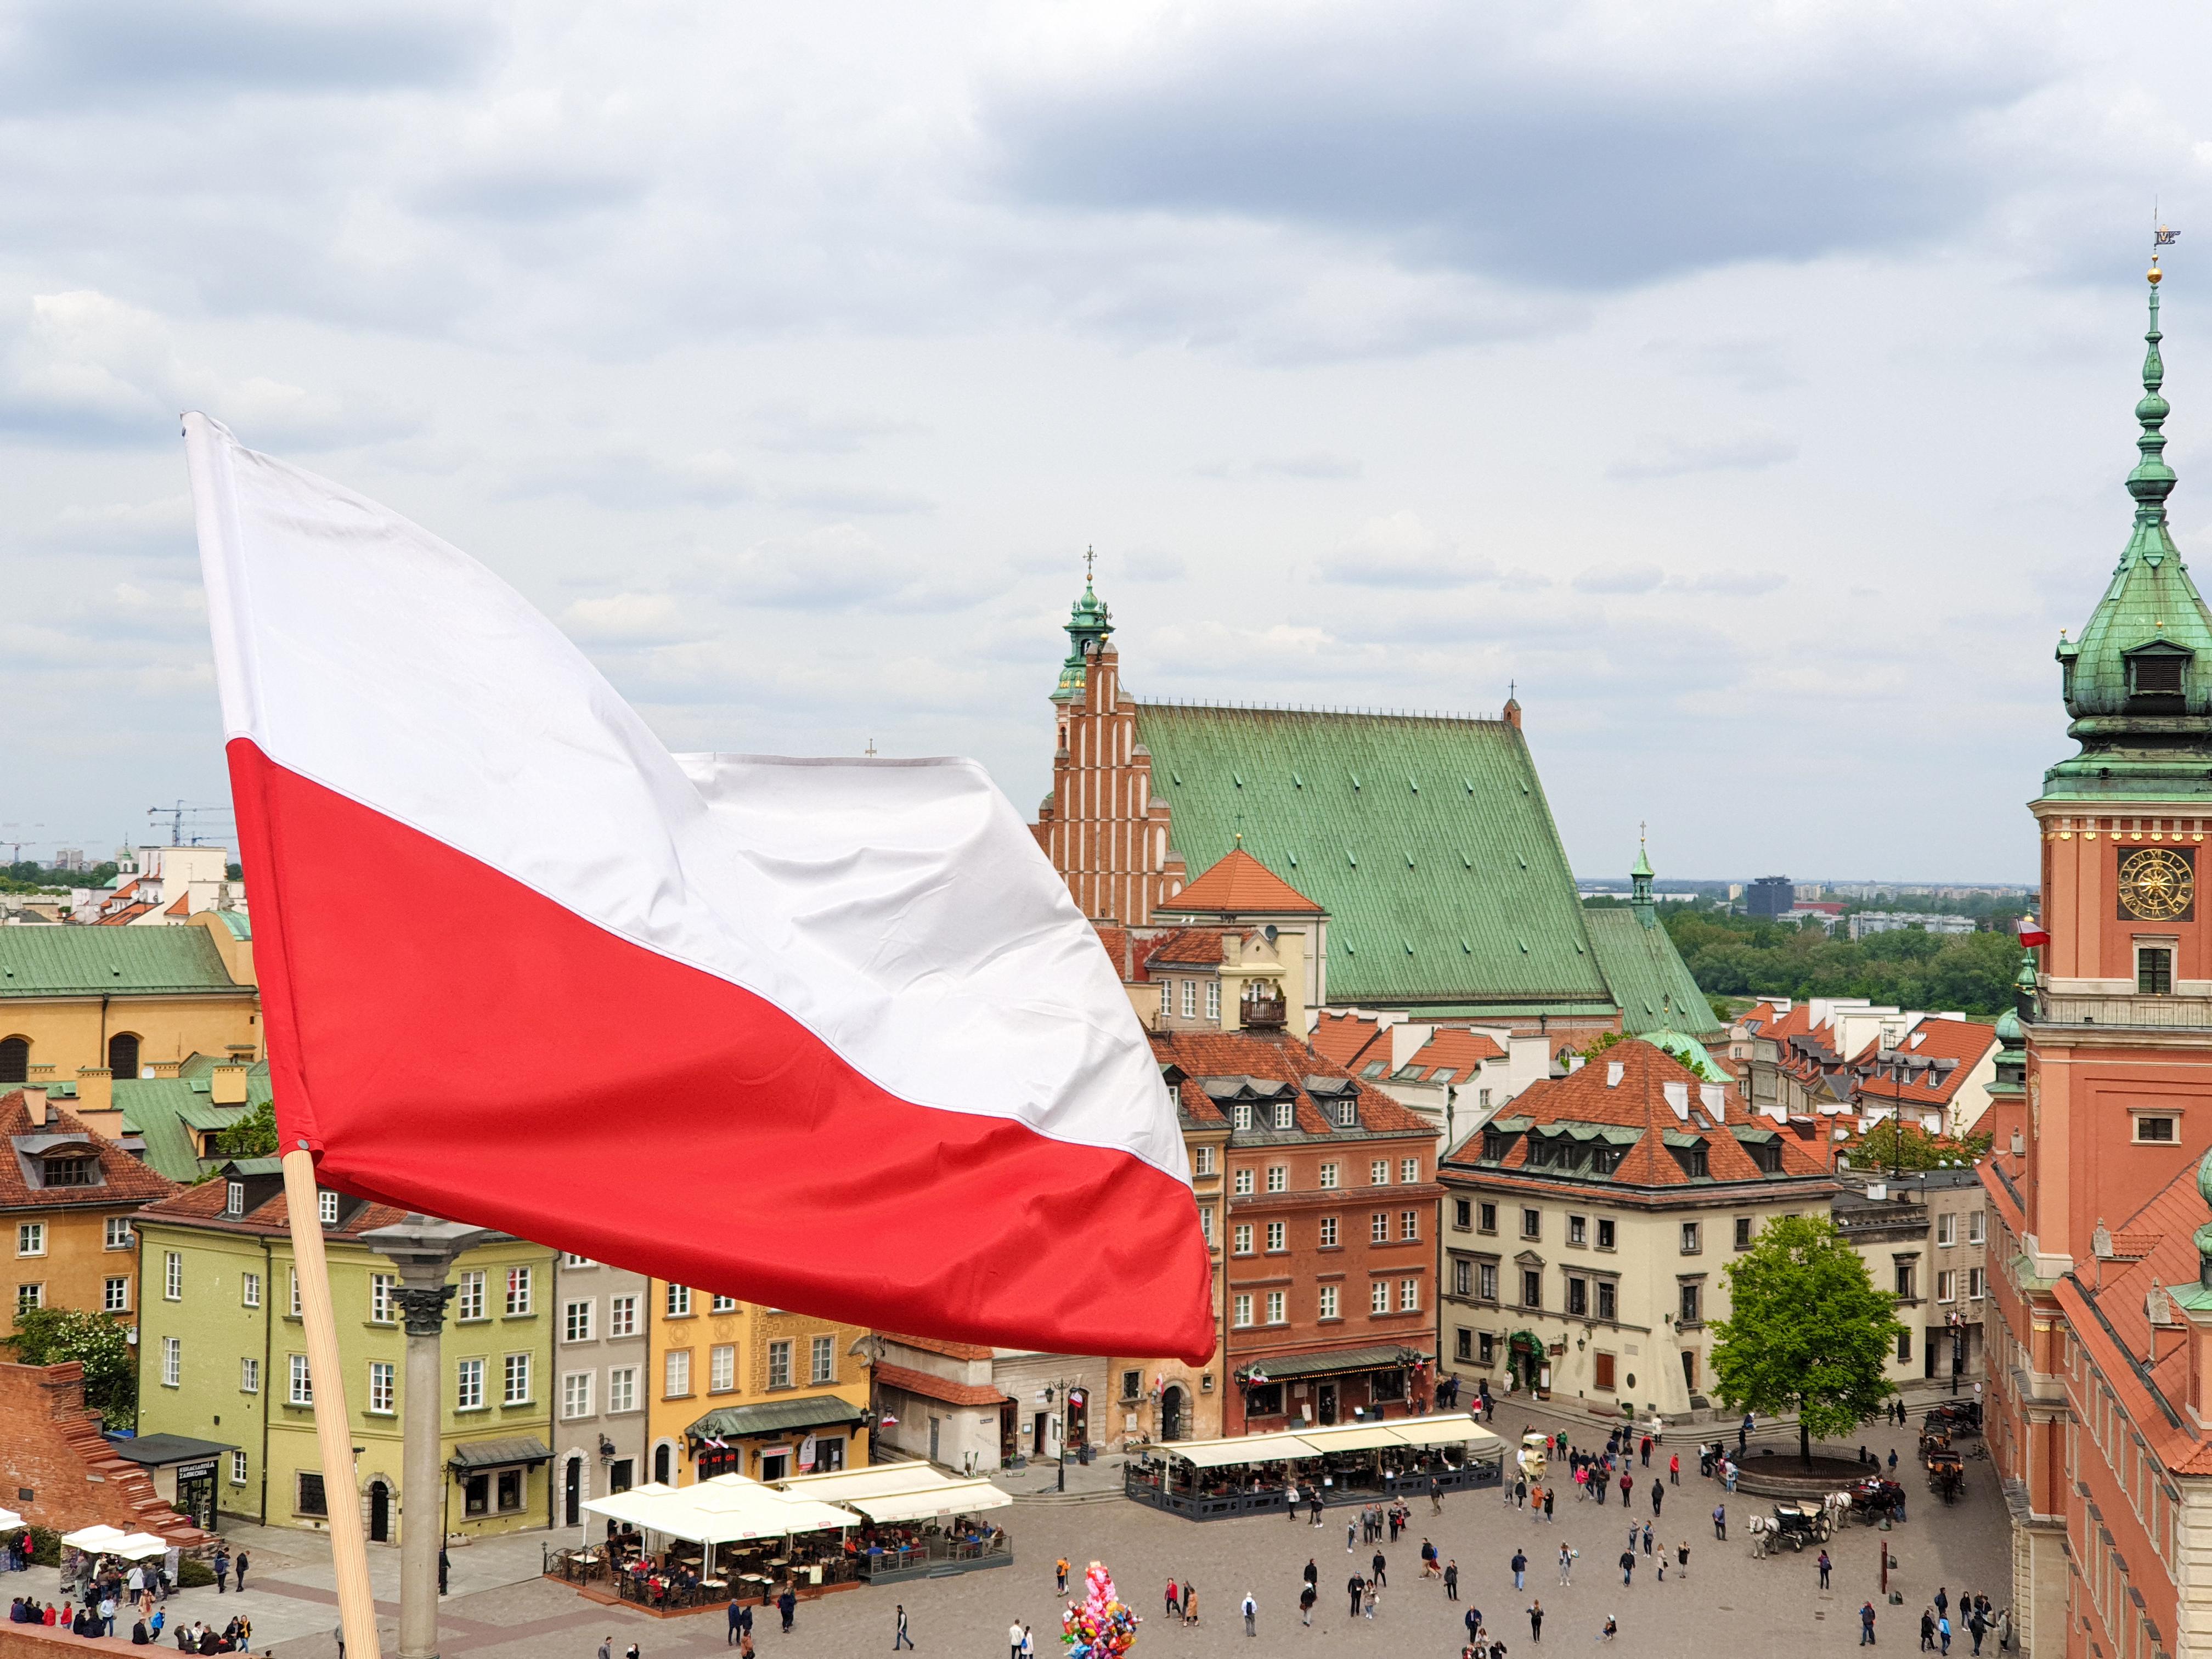 Флаг над площадью в Варшаве, столице Польши, ВНЖ которой могут получить иностранцы